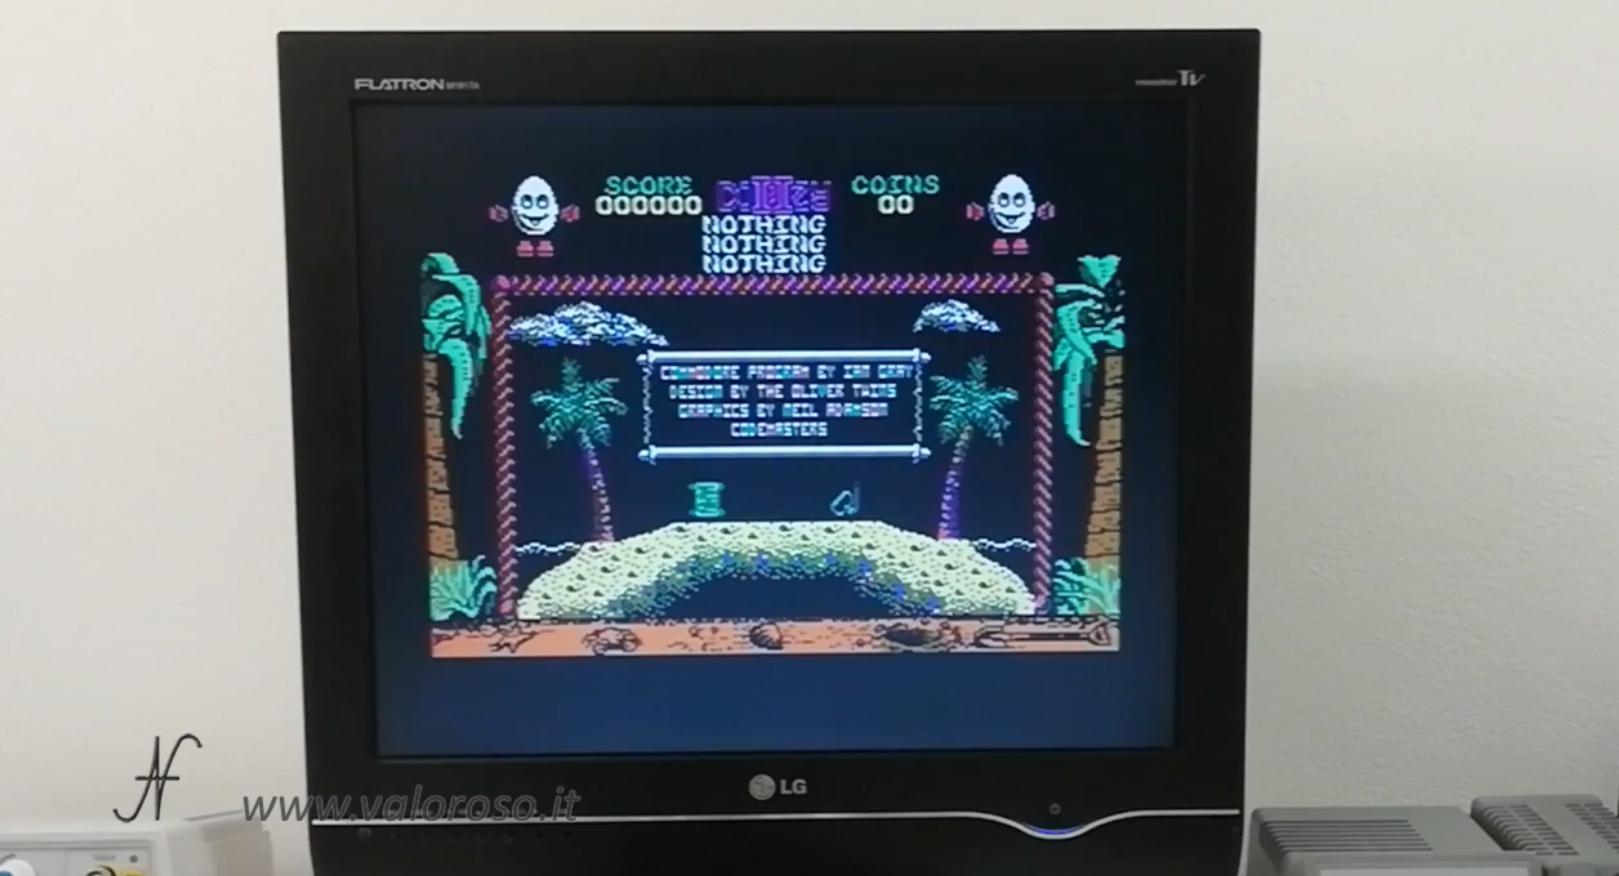 Datel Action Replay, Commodore 64, dizzy salvataggio gioco, copia videogioco